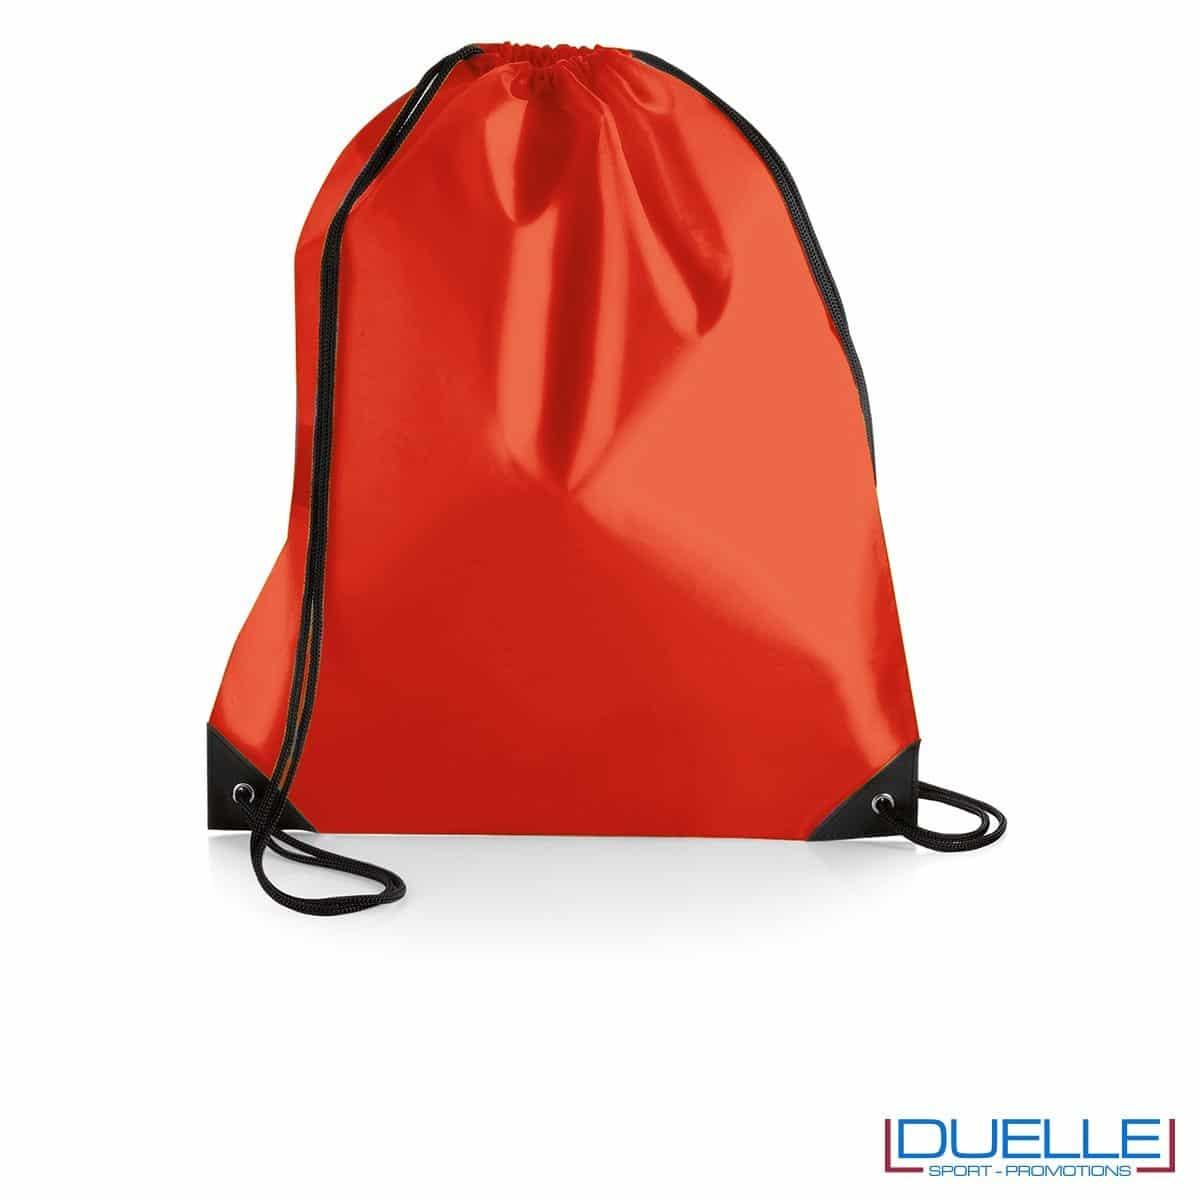 Zainetto impermeabile in nylon rosso